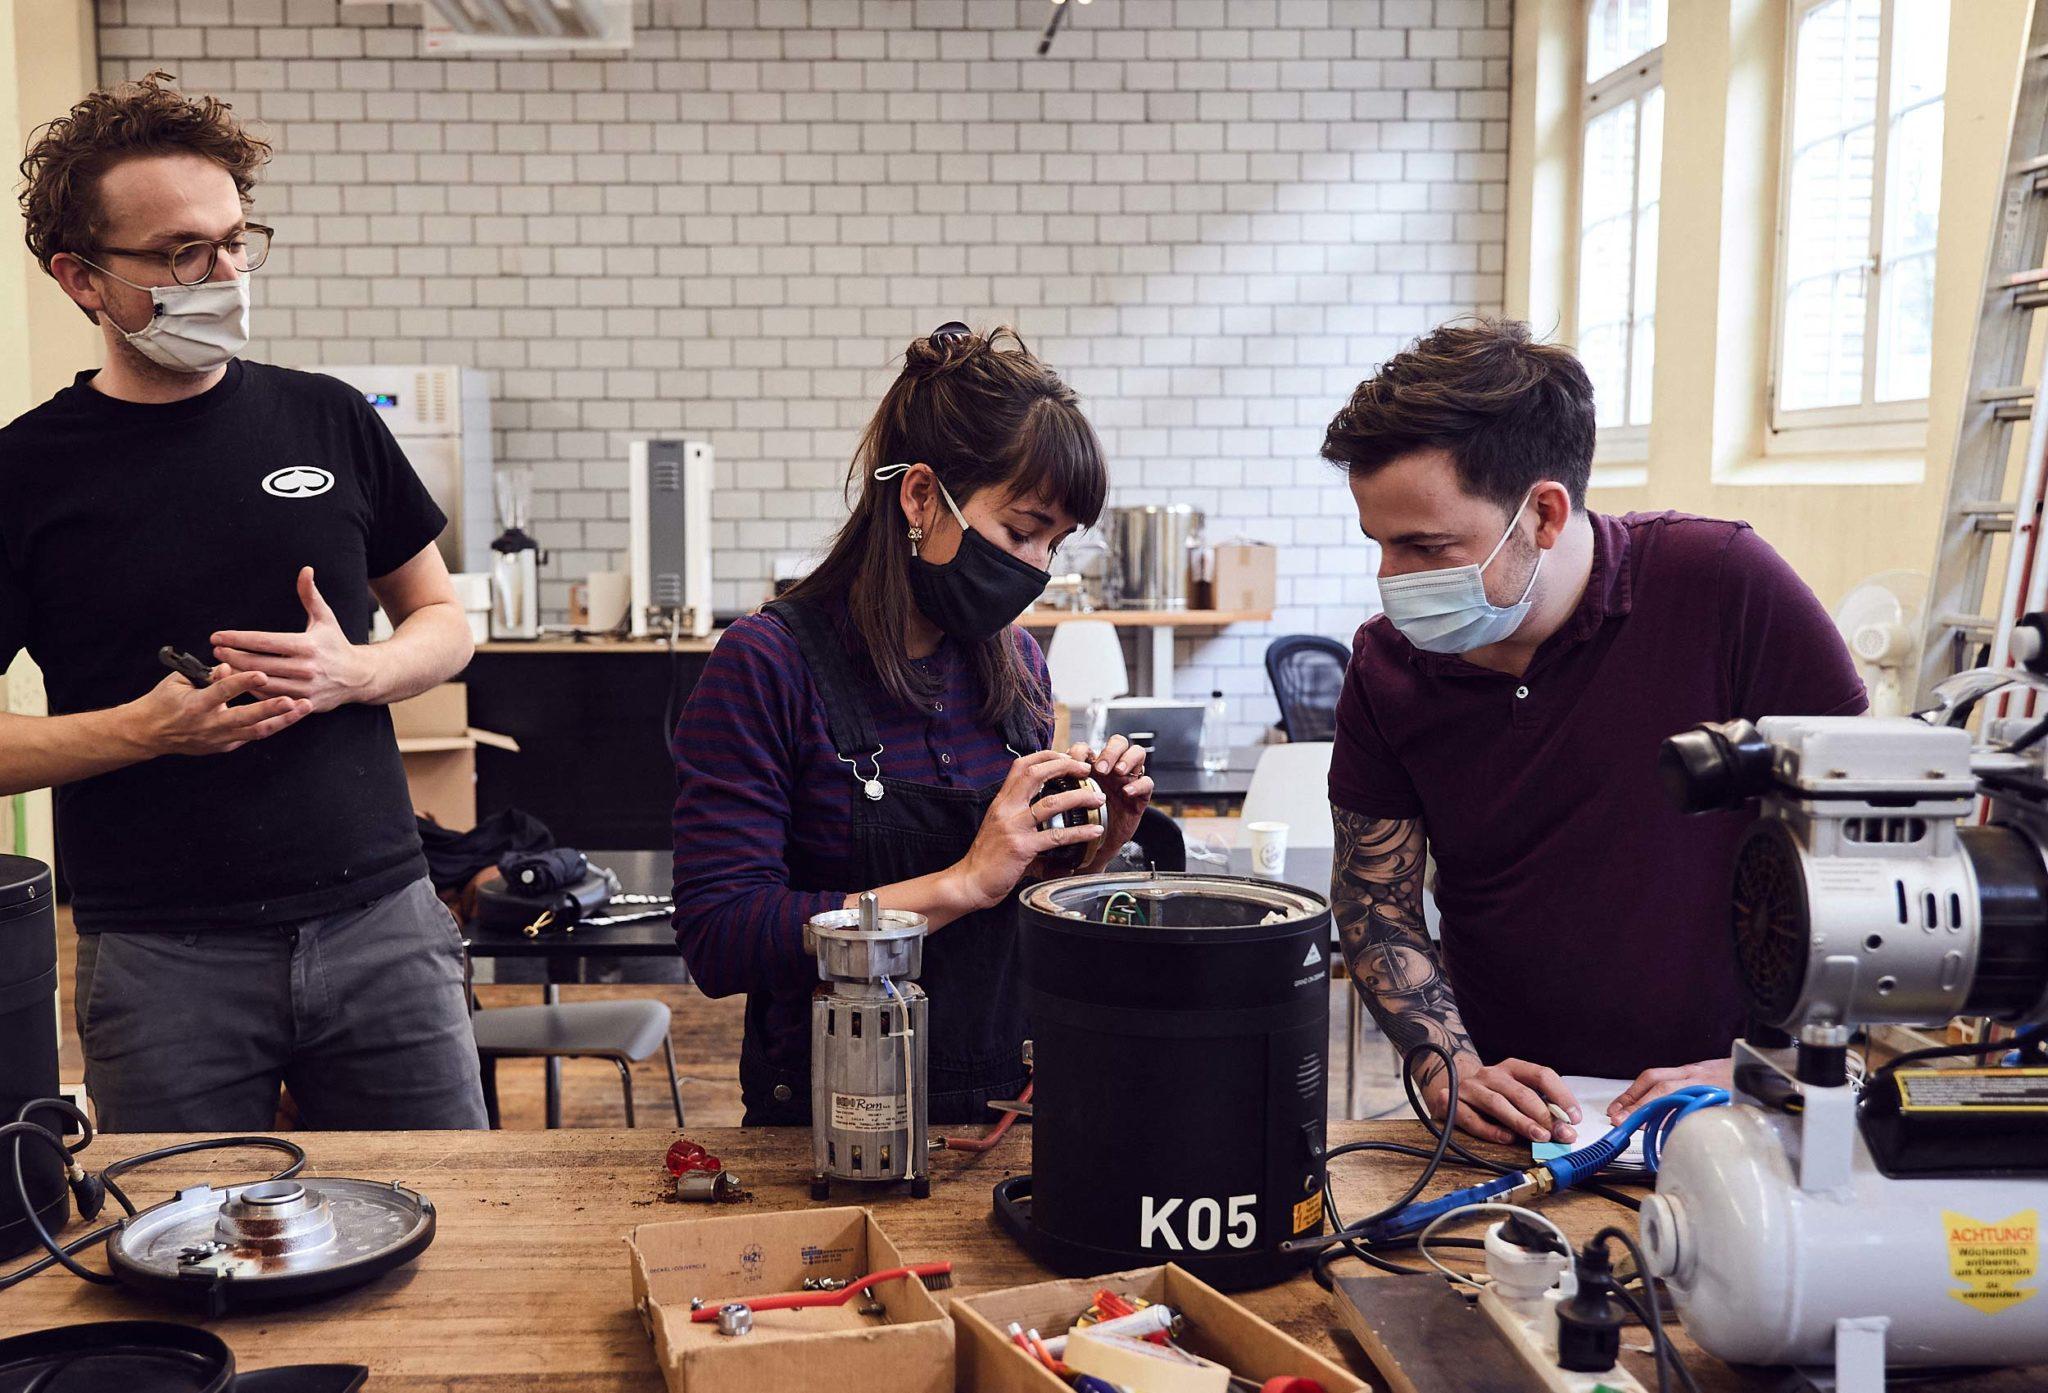 Heidi Portrait: Reparatur Kaffeemühle